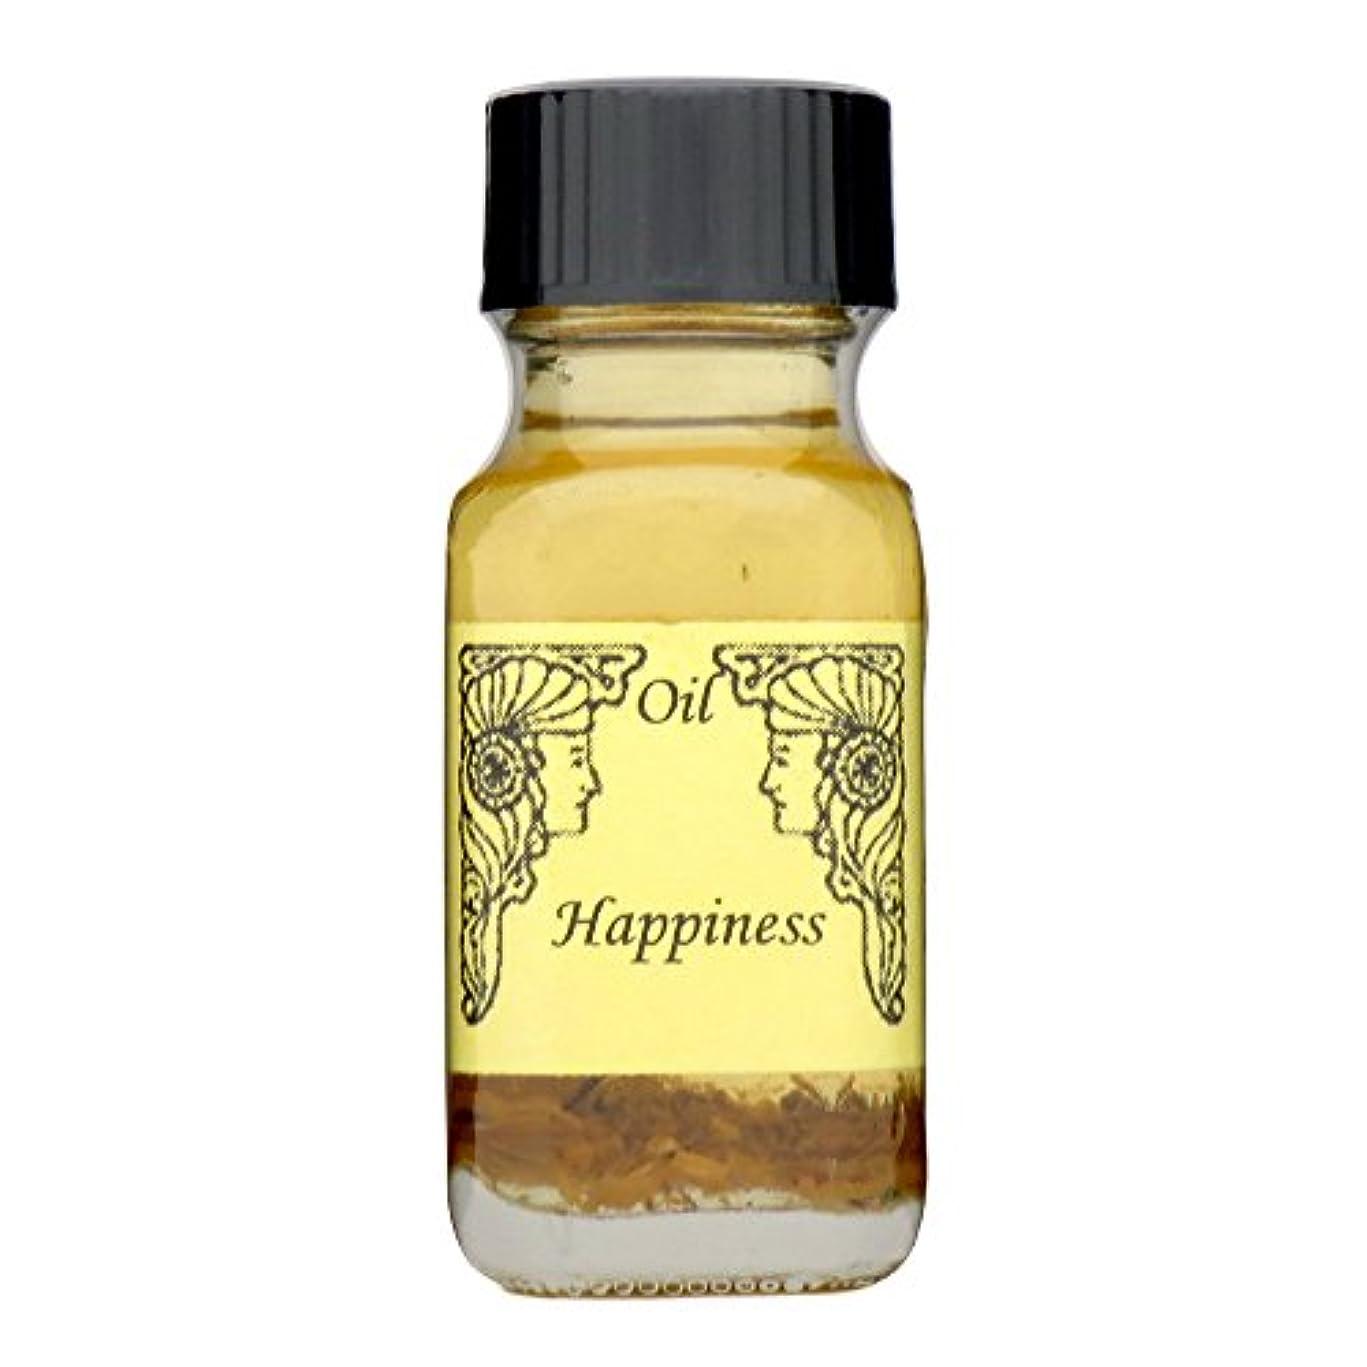 パトワ不満レッスンアンシェントメモリーオイル ハピネス (幸福) 15ml (Ancient Memory Oils)